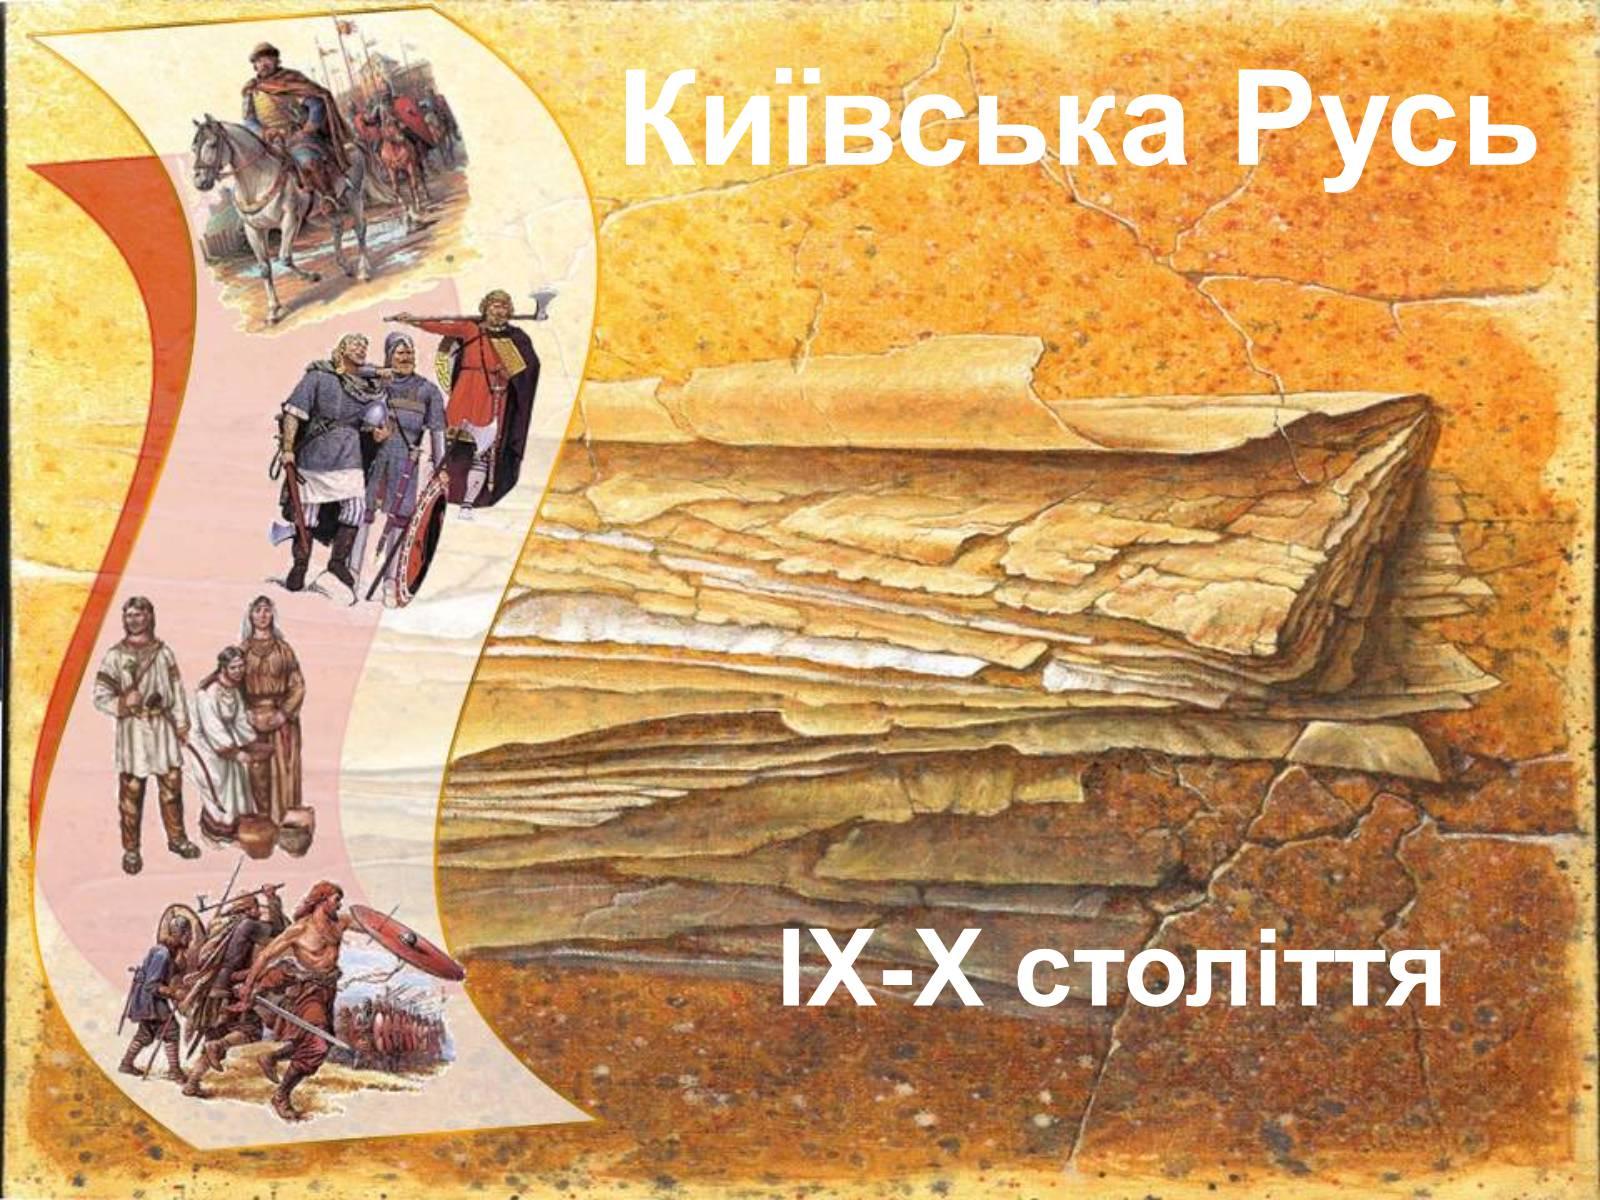 """Издательство """"Балтия-Друк&quot 14"""